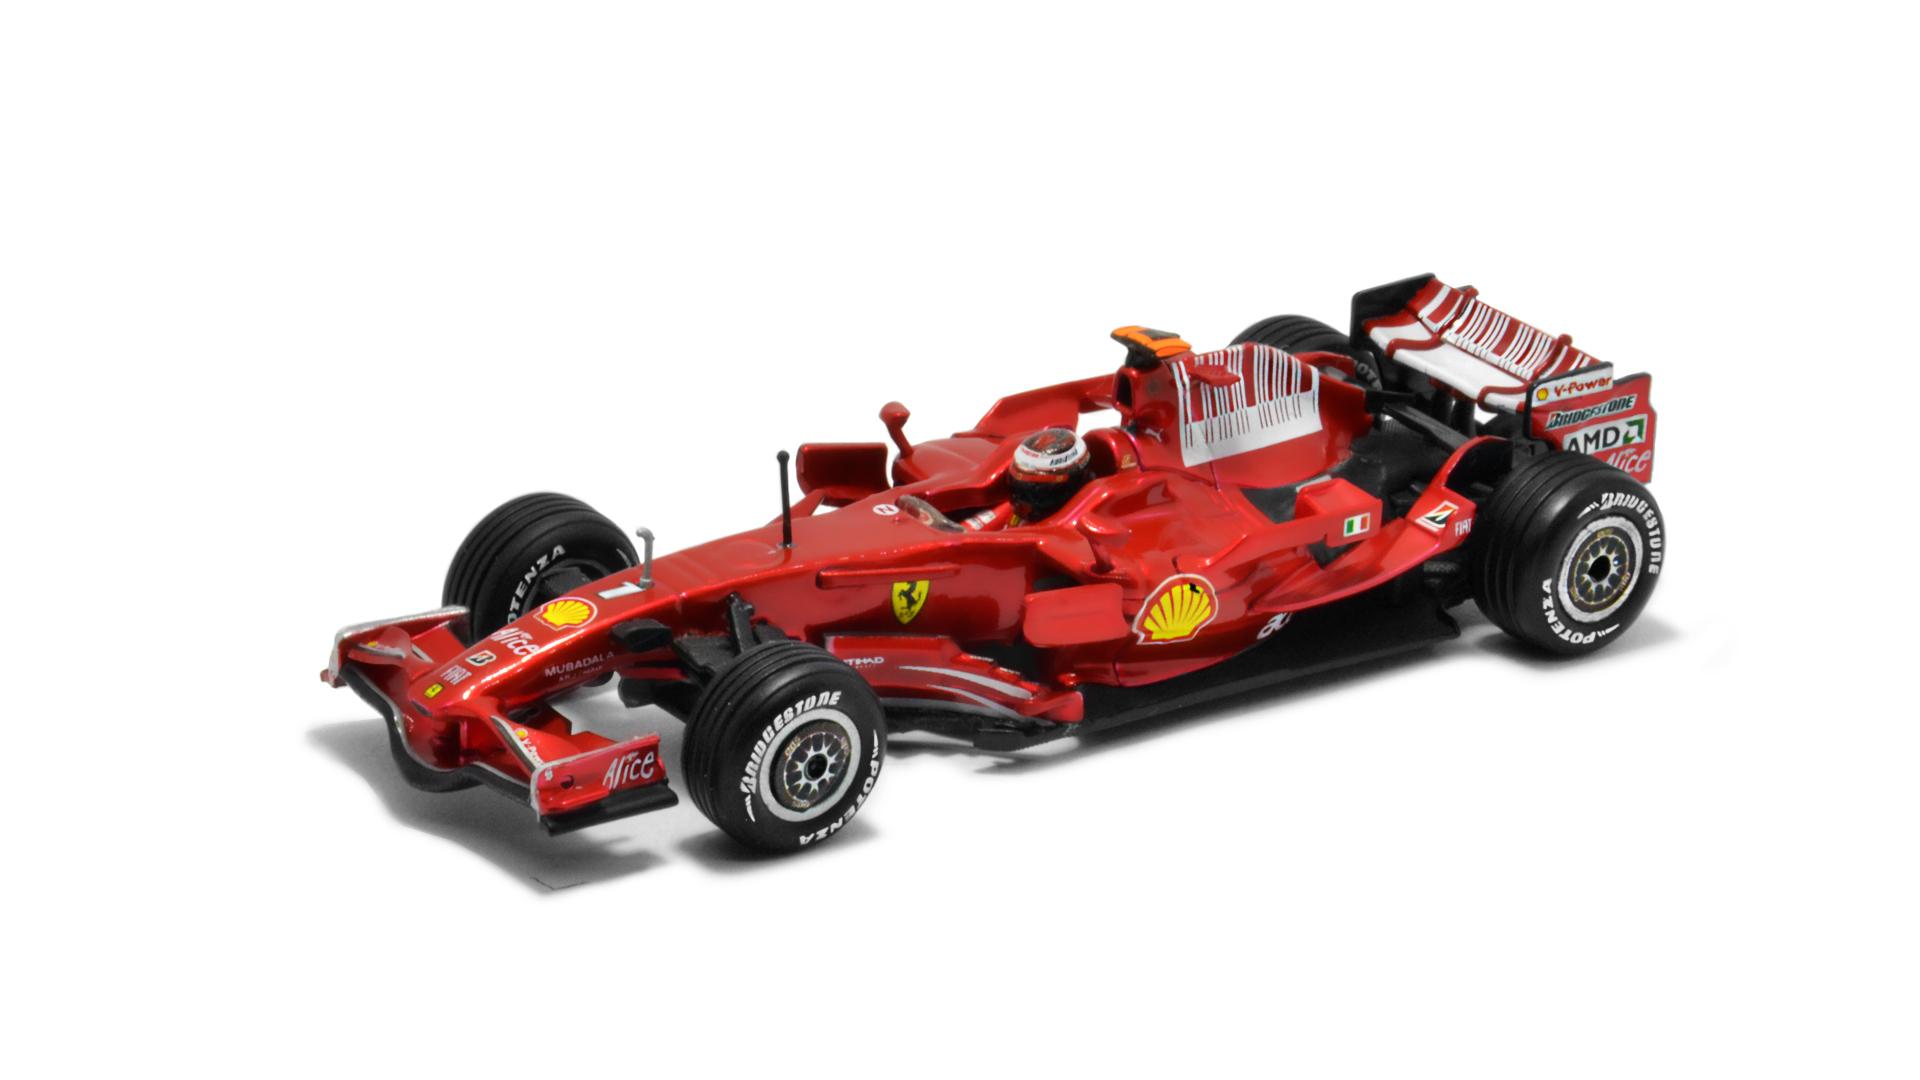 Év: 2008<br />Modell: F2008<br />Gyártó: Hot Wheels<br />Pilóta: Kimi Räikkönen